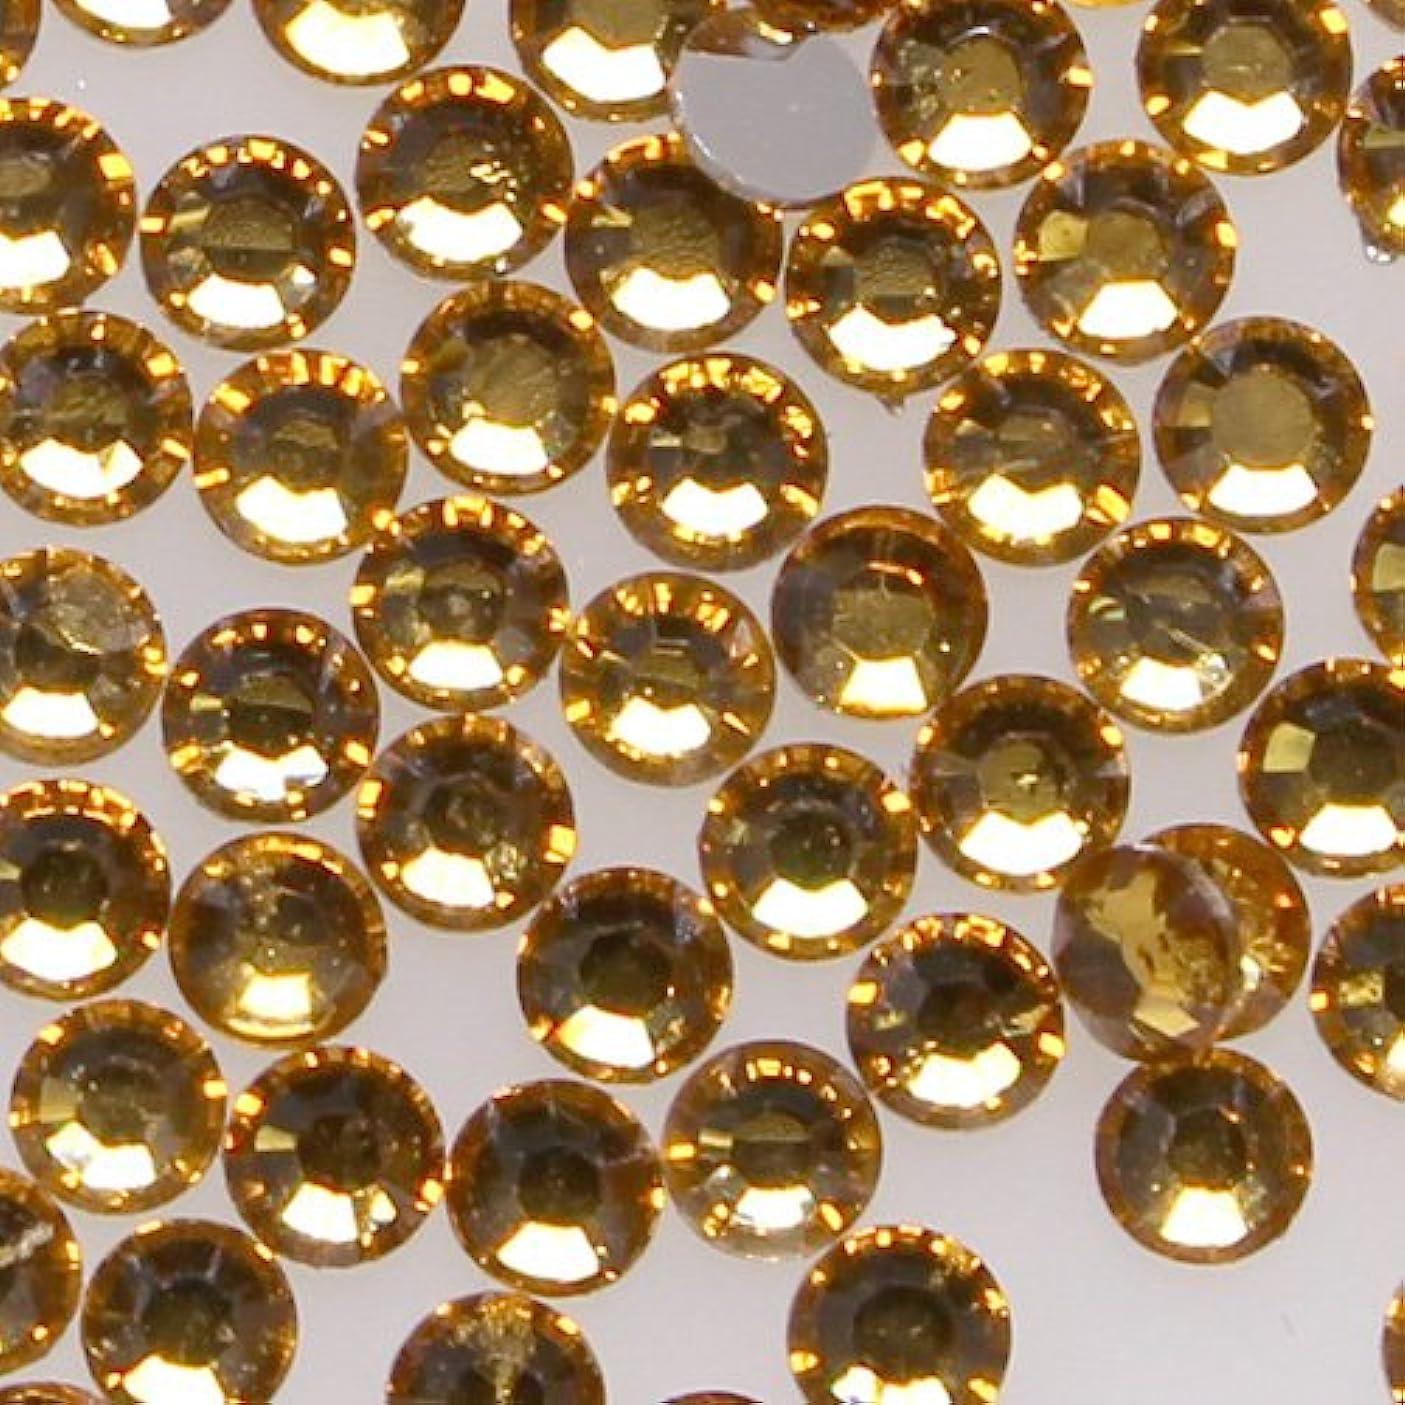 クリスマス不純孤児高品質 アクリルストーン ラインストーン ラウンドフラット 約1000粒入り 3mm トパーズ